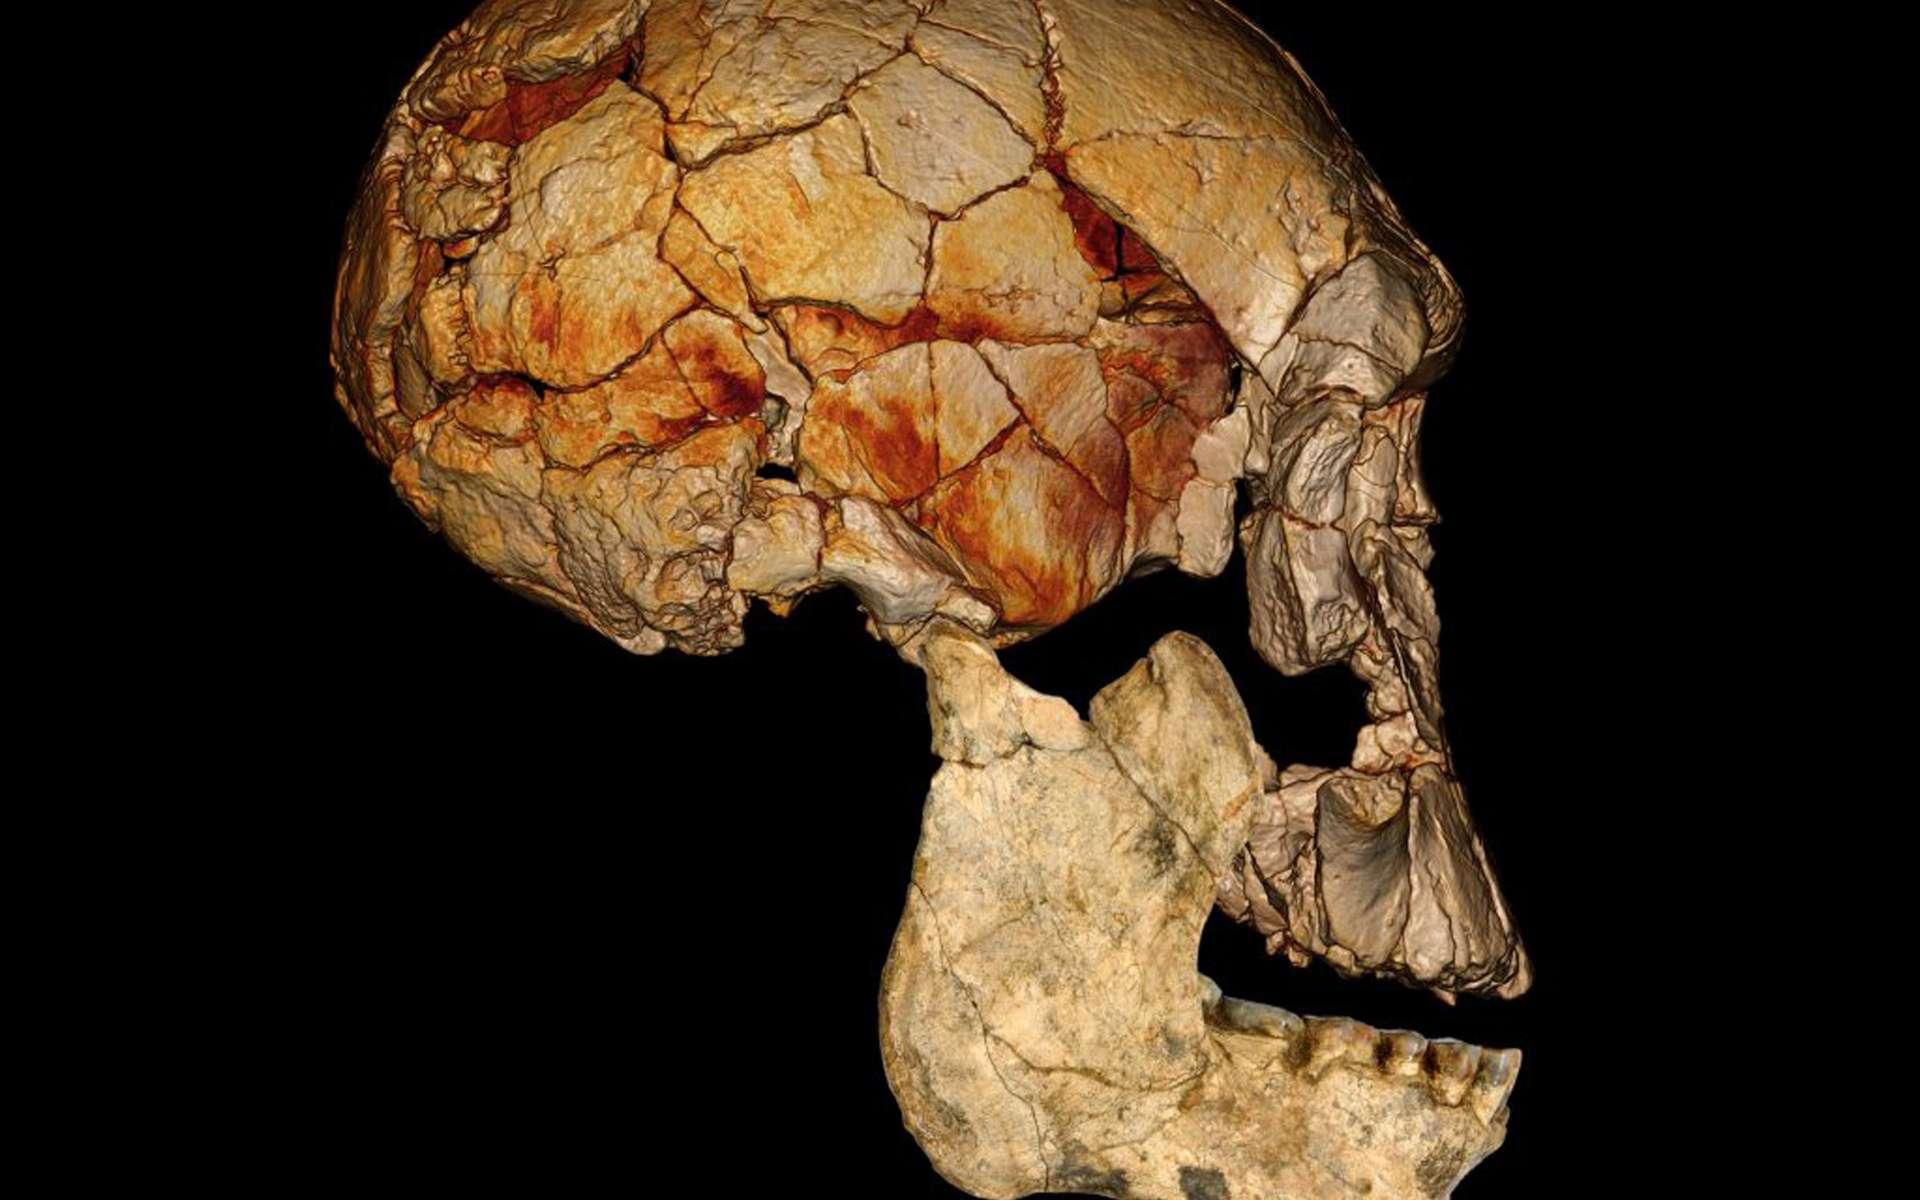 Représentation du crâne KNM-ER 1.470, découvert à Koobi Fora au Kenya en 1972, à laquelle a été associée la mâchoire KNM-ER 60.000. L'image du crâne a été obtenue grâce à un CT-scan. La photographie de la mâchoire correspond à une reconstitution. © Fred Spoor